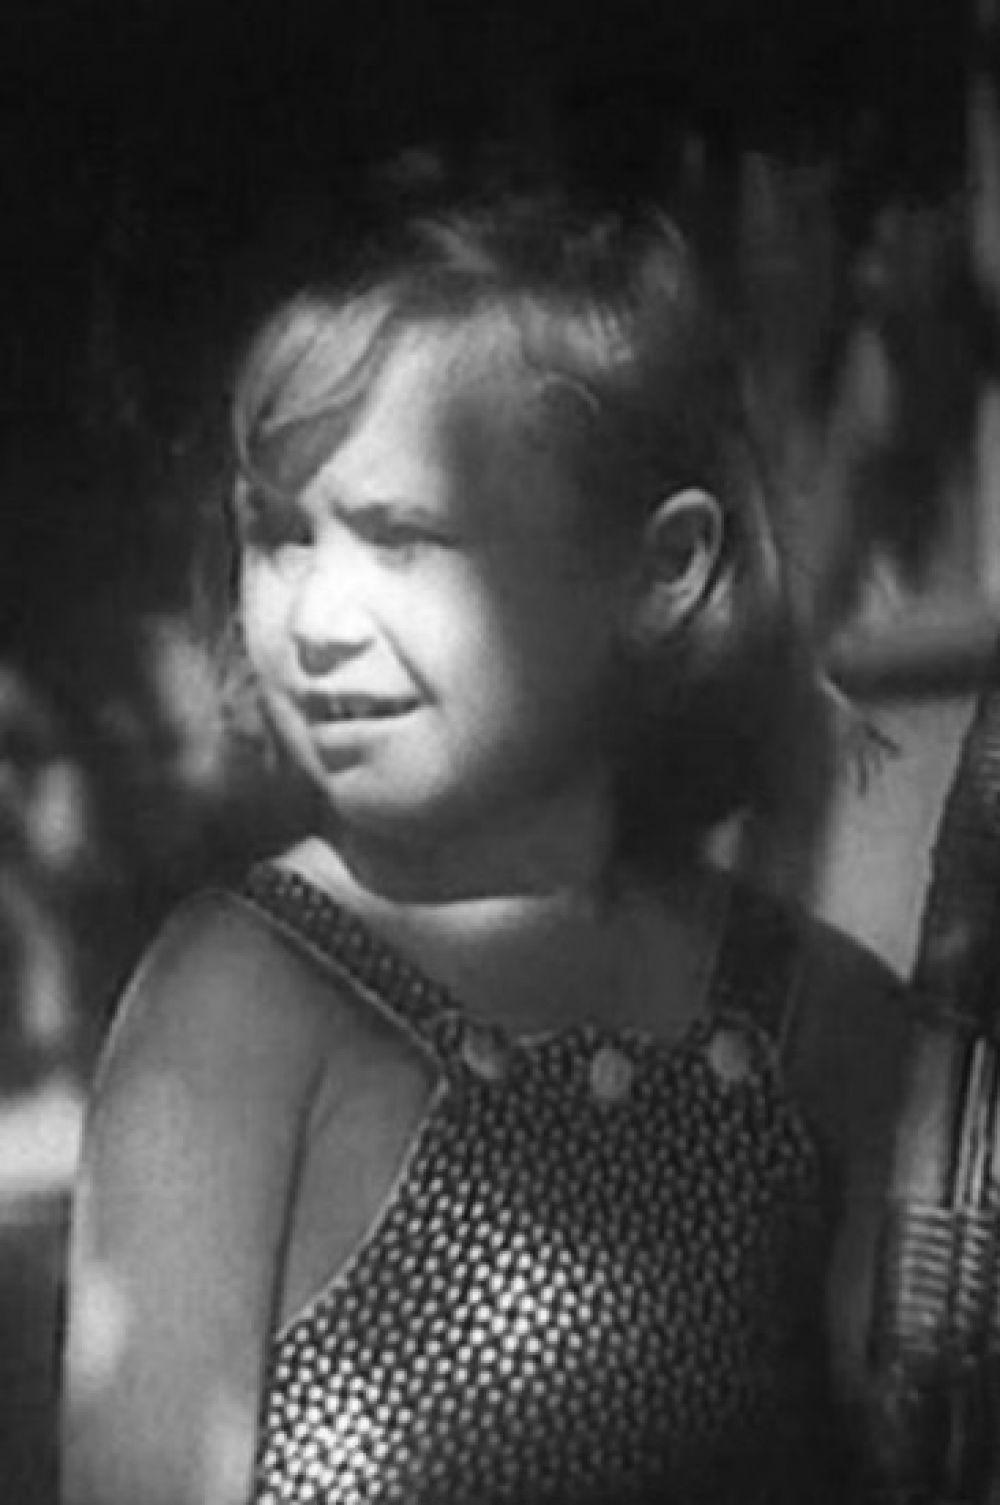 Светлана Немоляева родилась в обычной семье советских интеллигентов. Её отец Владимир был известным комедийным режиссёром. Во время войны семья Немоляевых жила бедно, но отец брал восьмилетнюю Светлану на съёмки. Кинодебютом актрисы стал фильм «Близнецы» 1945 года.